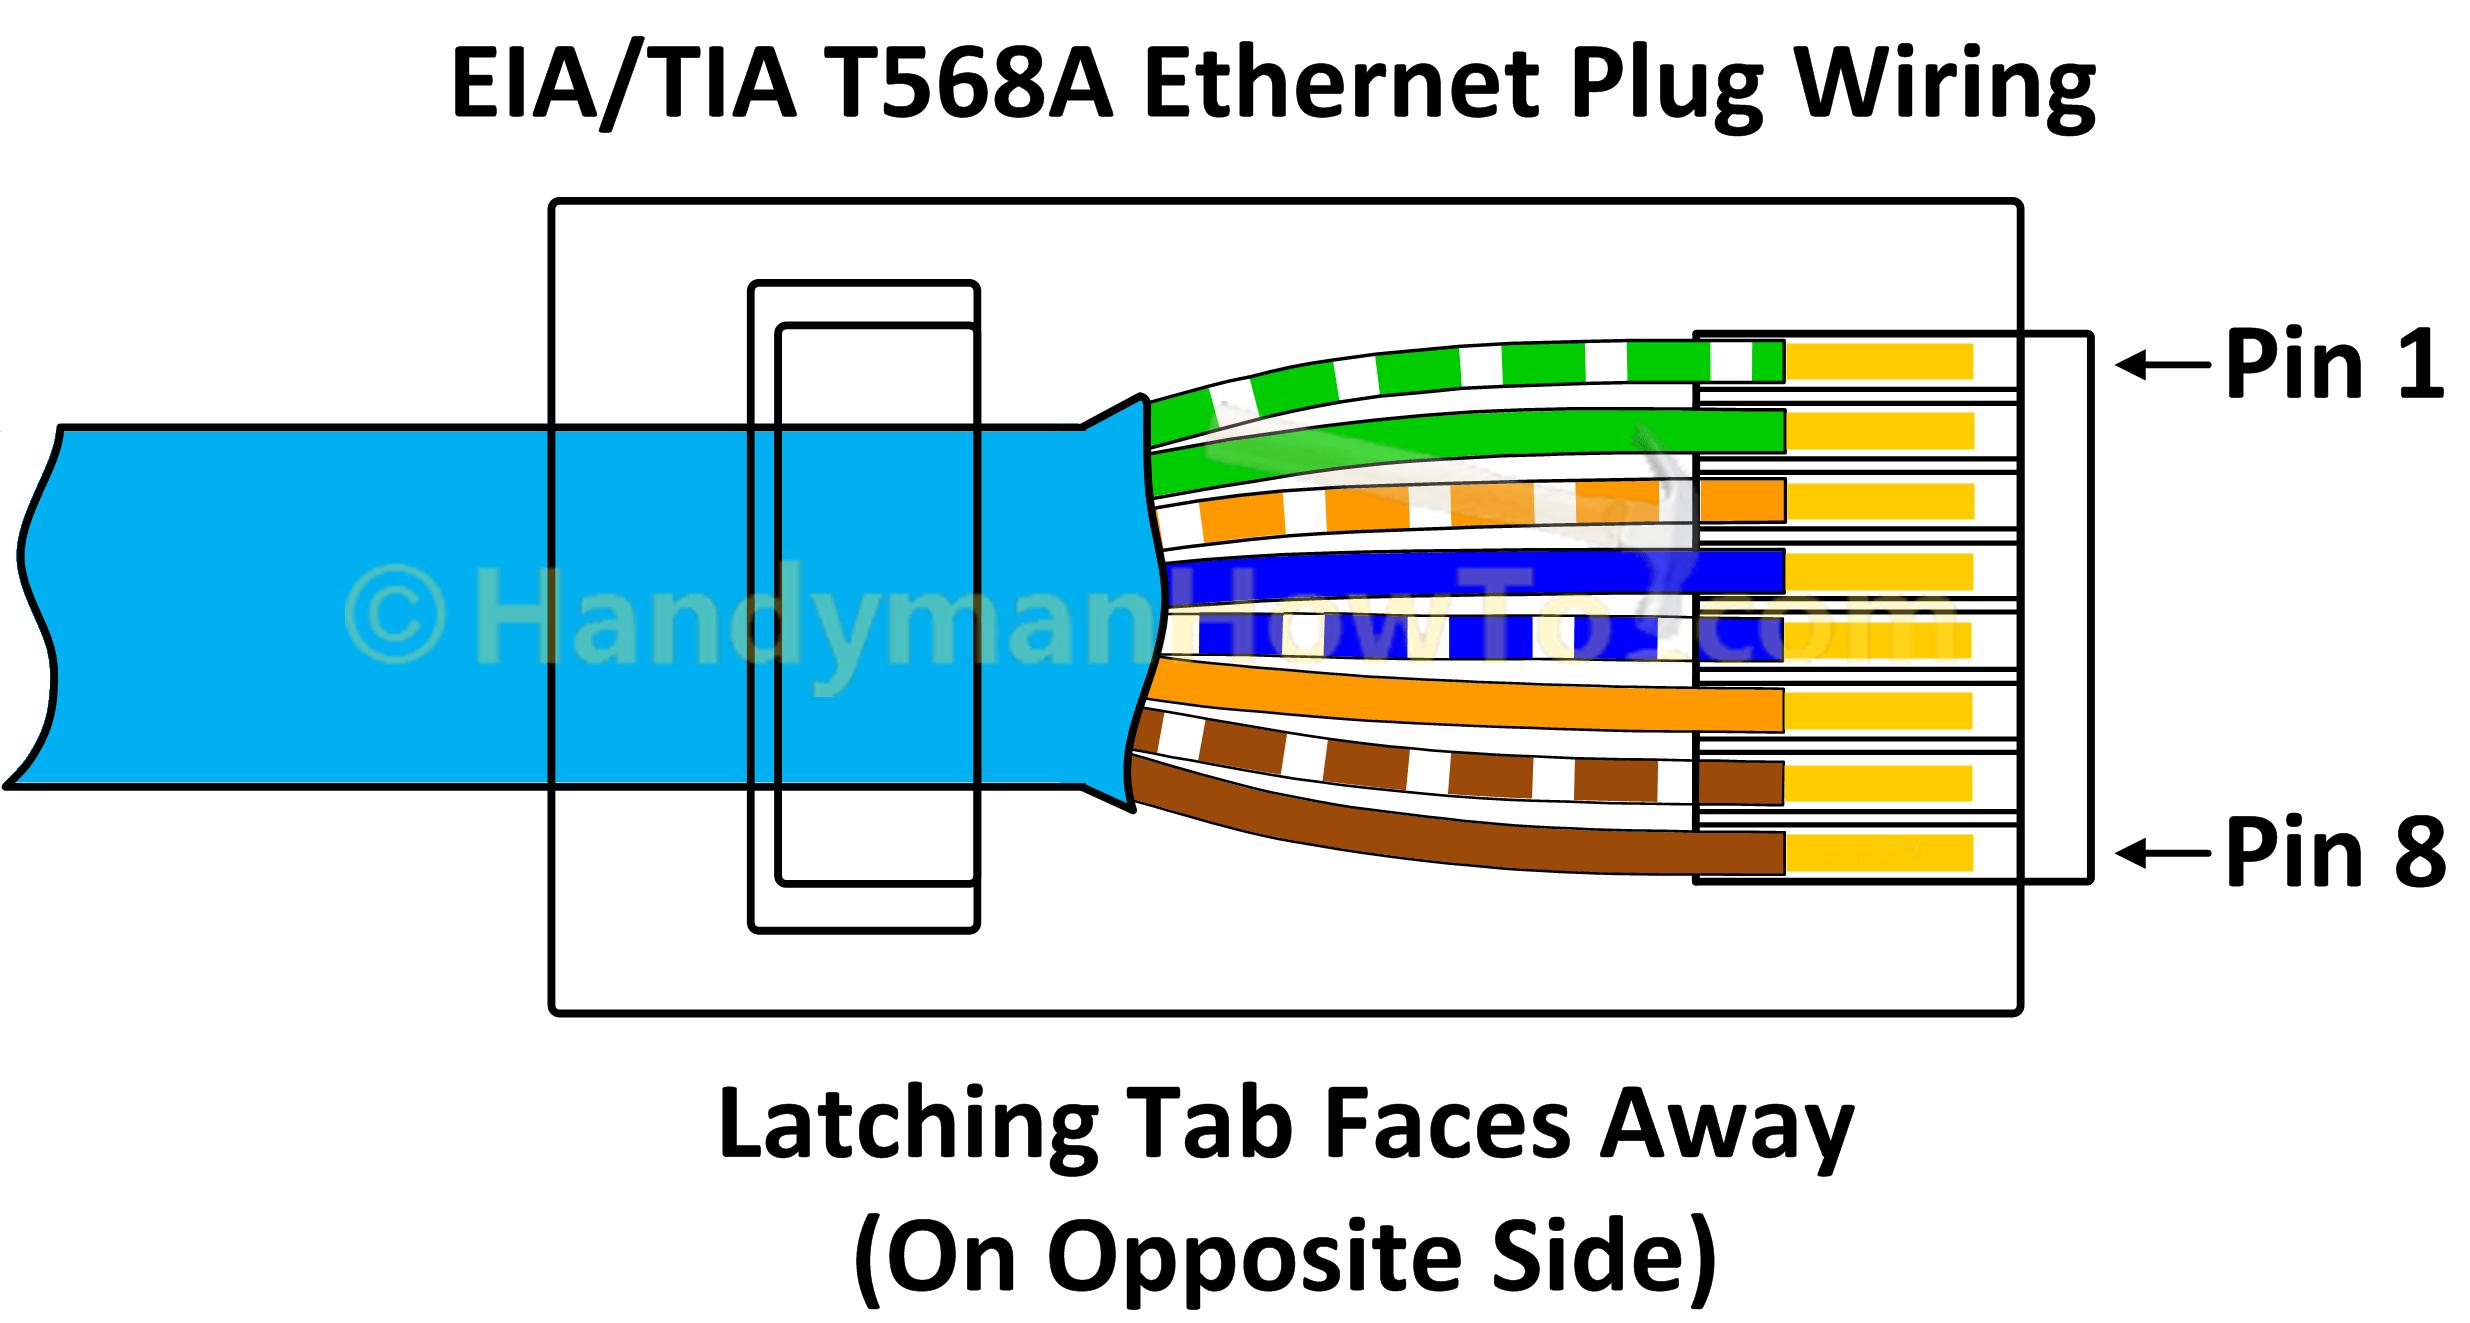 Rj45 Wiring Type B - Wiring Diagram Data - Cat 5 Cable Wiring Diagram